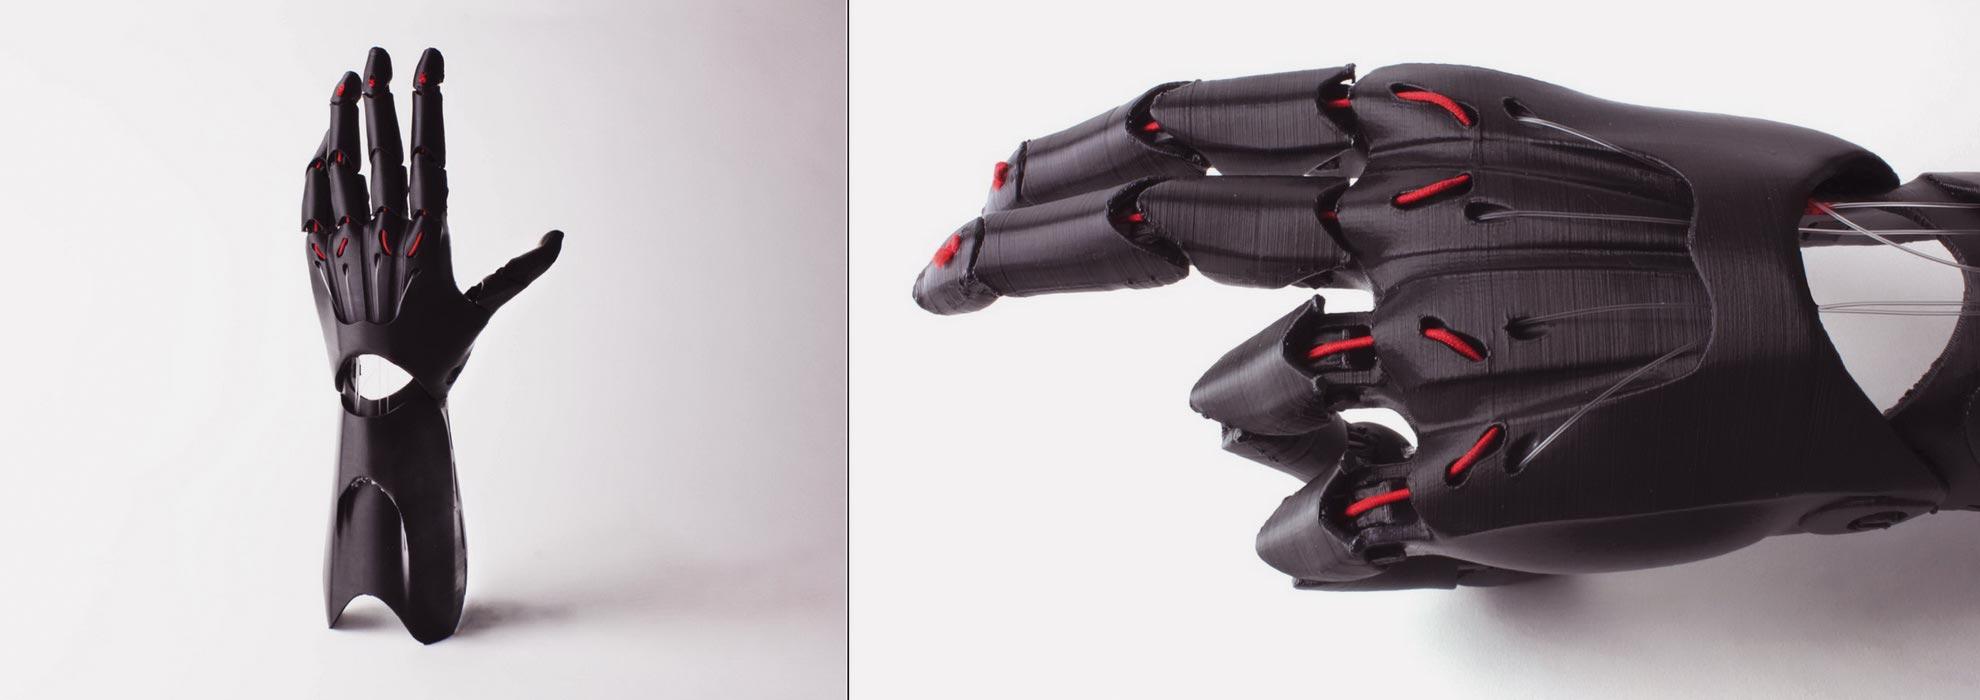 Протез кисти руки напечатанный на 3Д принтере